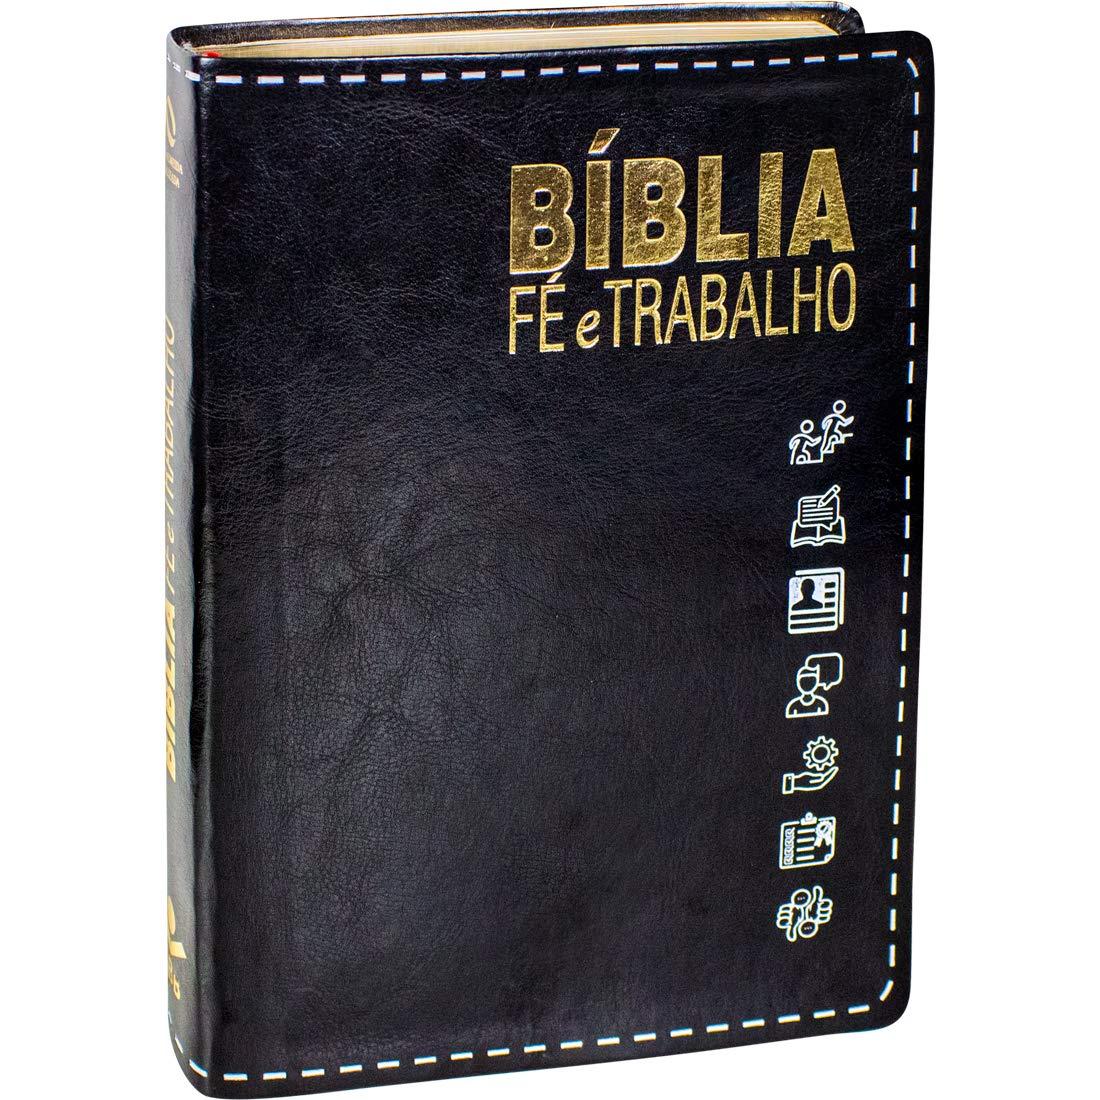 Bíblia Fé e Trabalho: Nova Almeida Atualizada (NAA)  - Universo Bíblico Rs